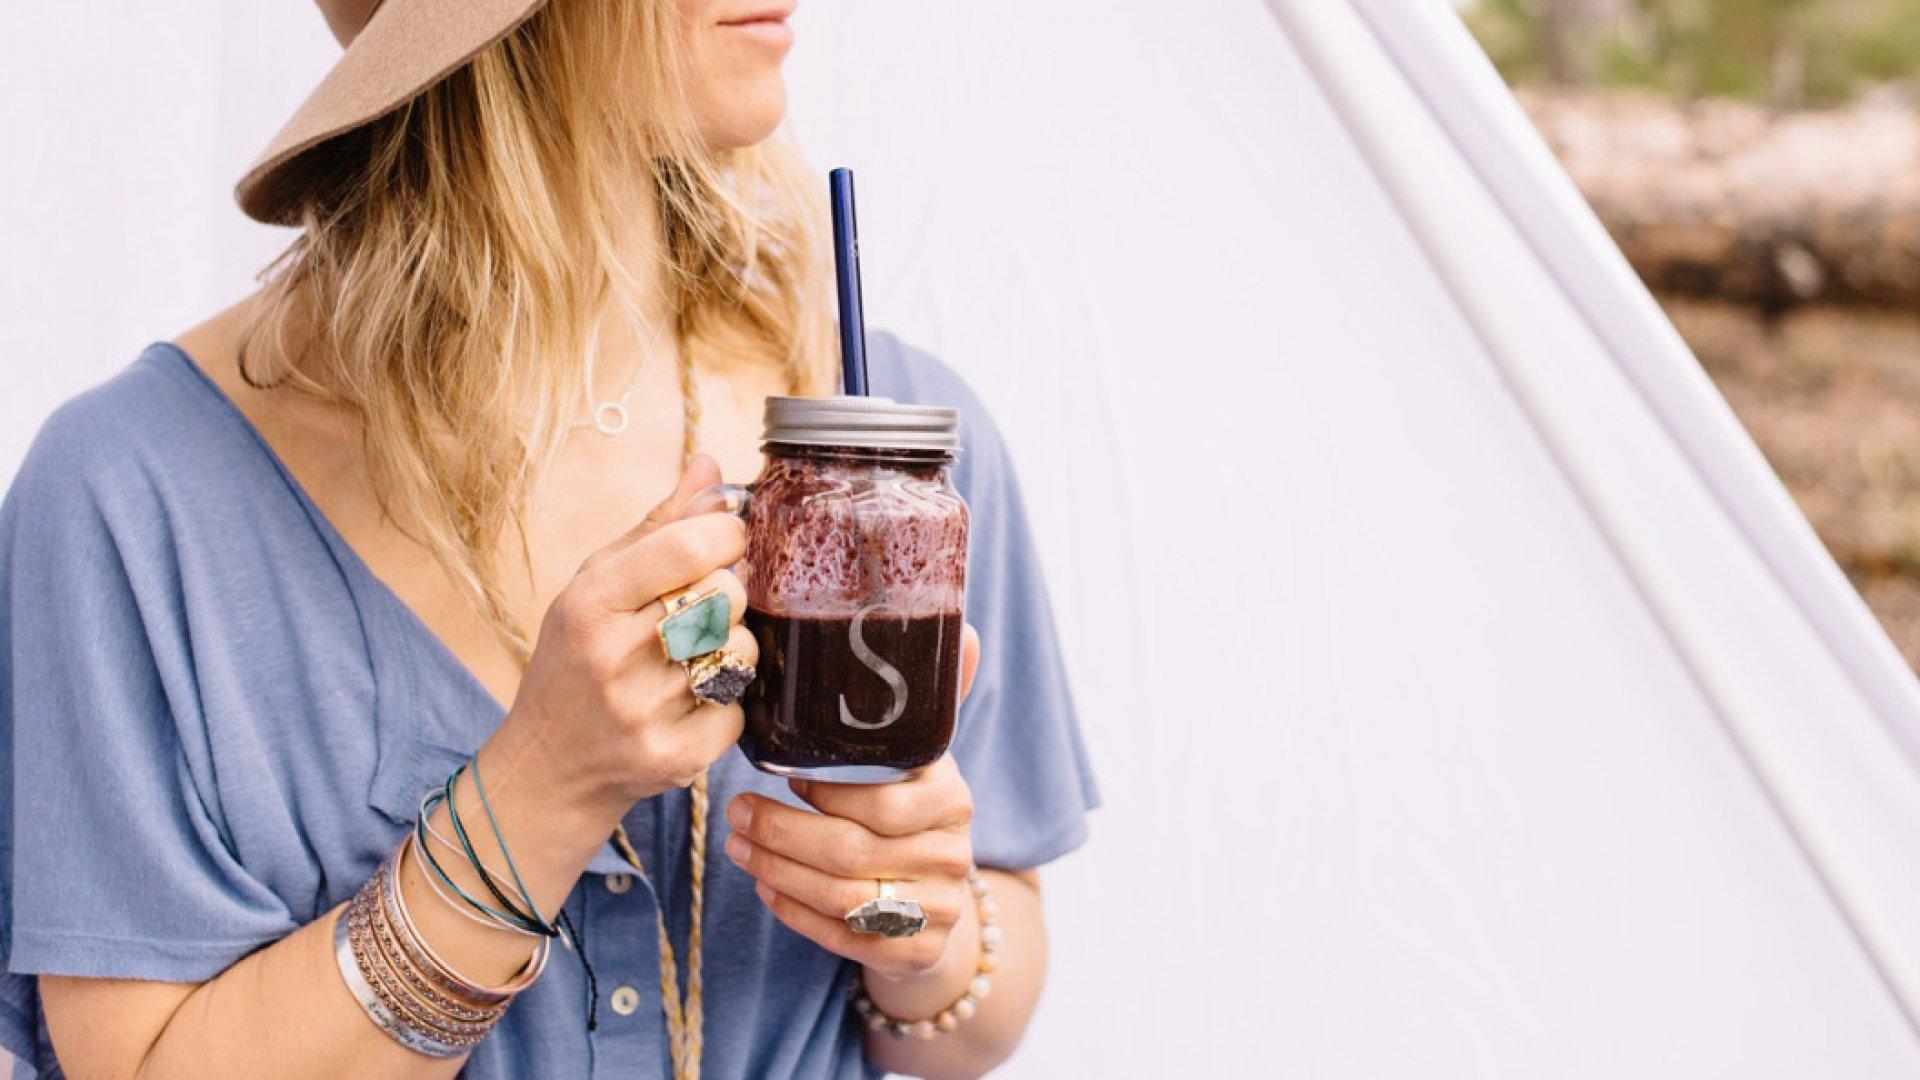 Simply Straw's borosilicate glass straws